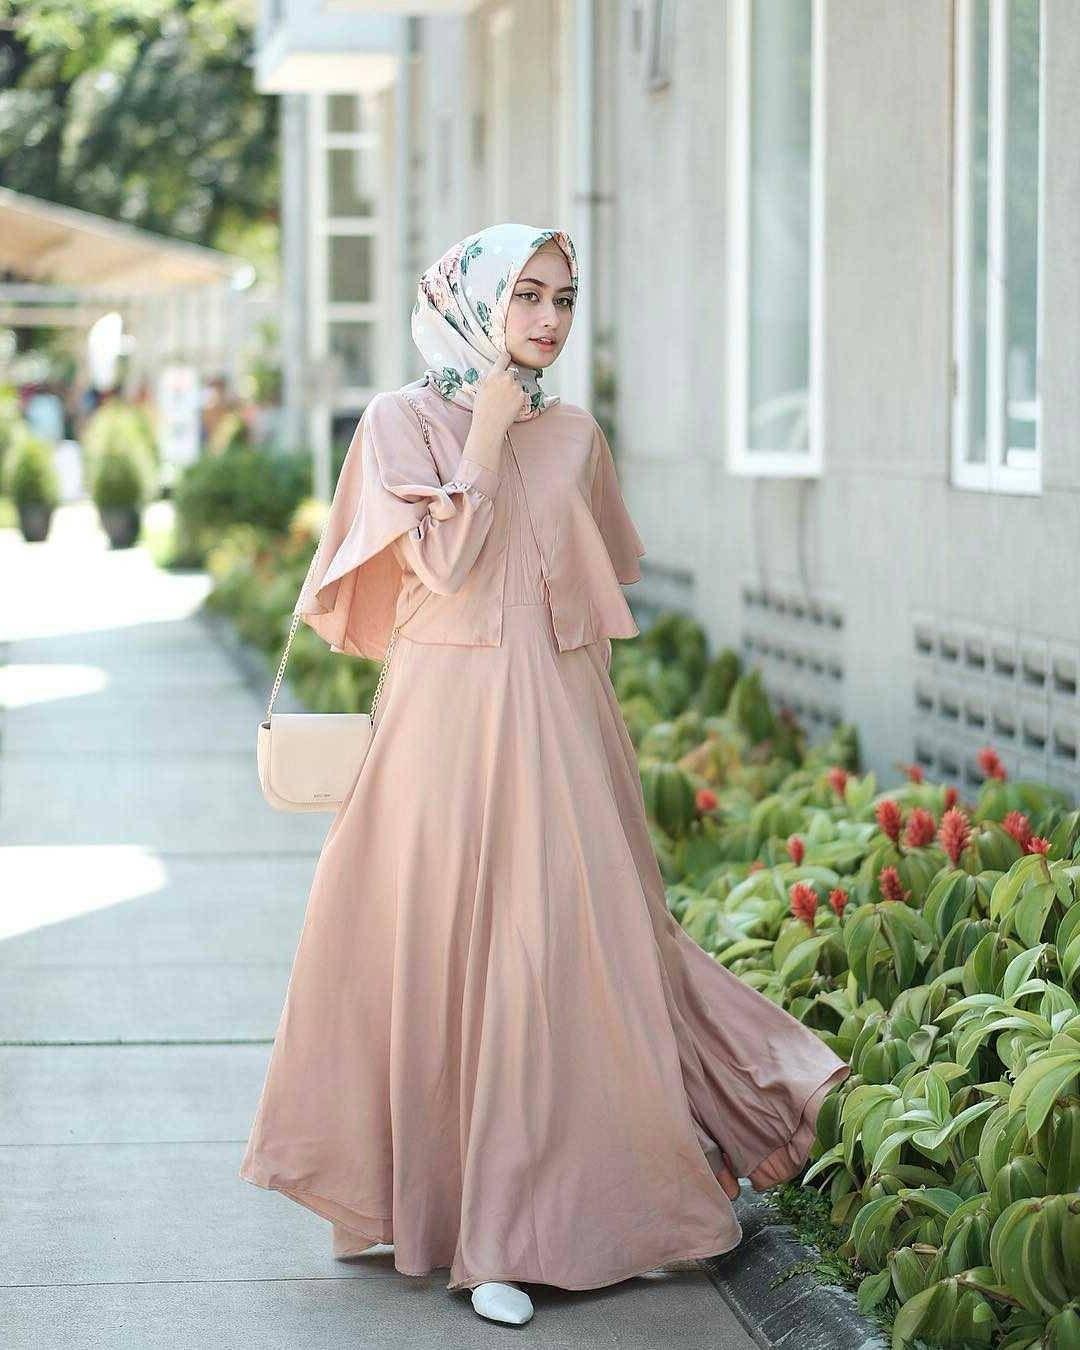 Inspirasi Model Baju Lebaran 2018 Anak 3ldq 21 Model Gamis Lebaran 2018 Desain Elegan Casual Dan Modern